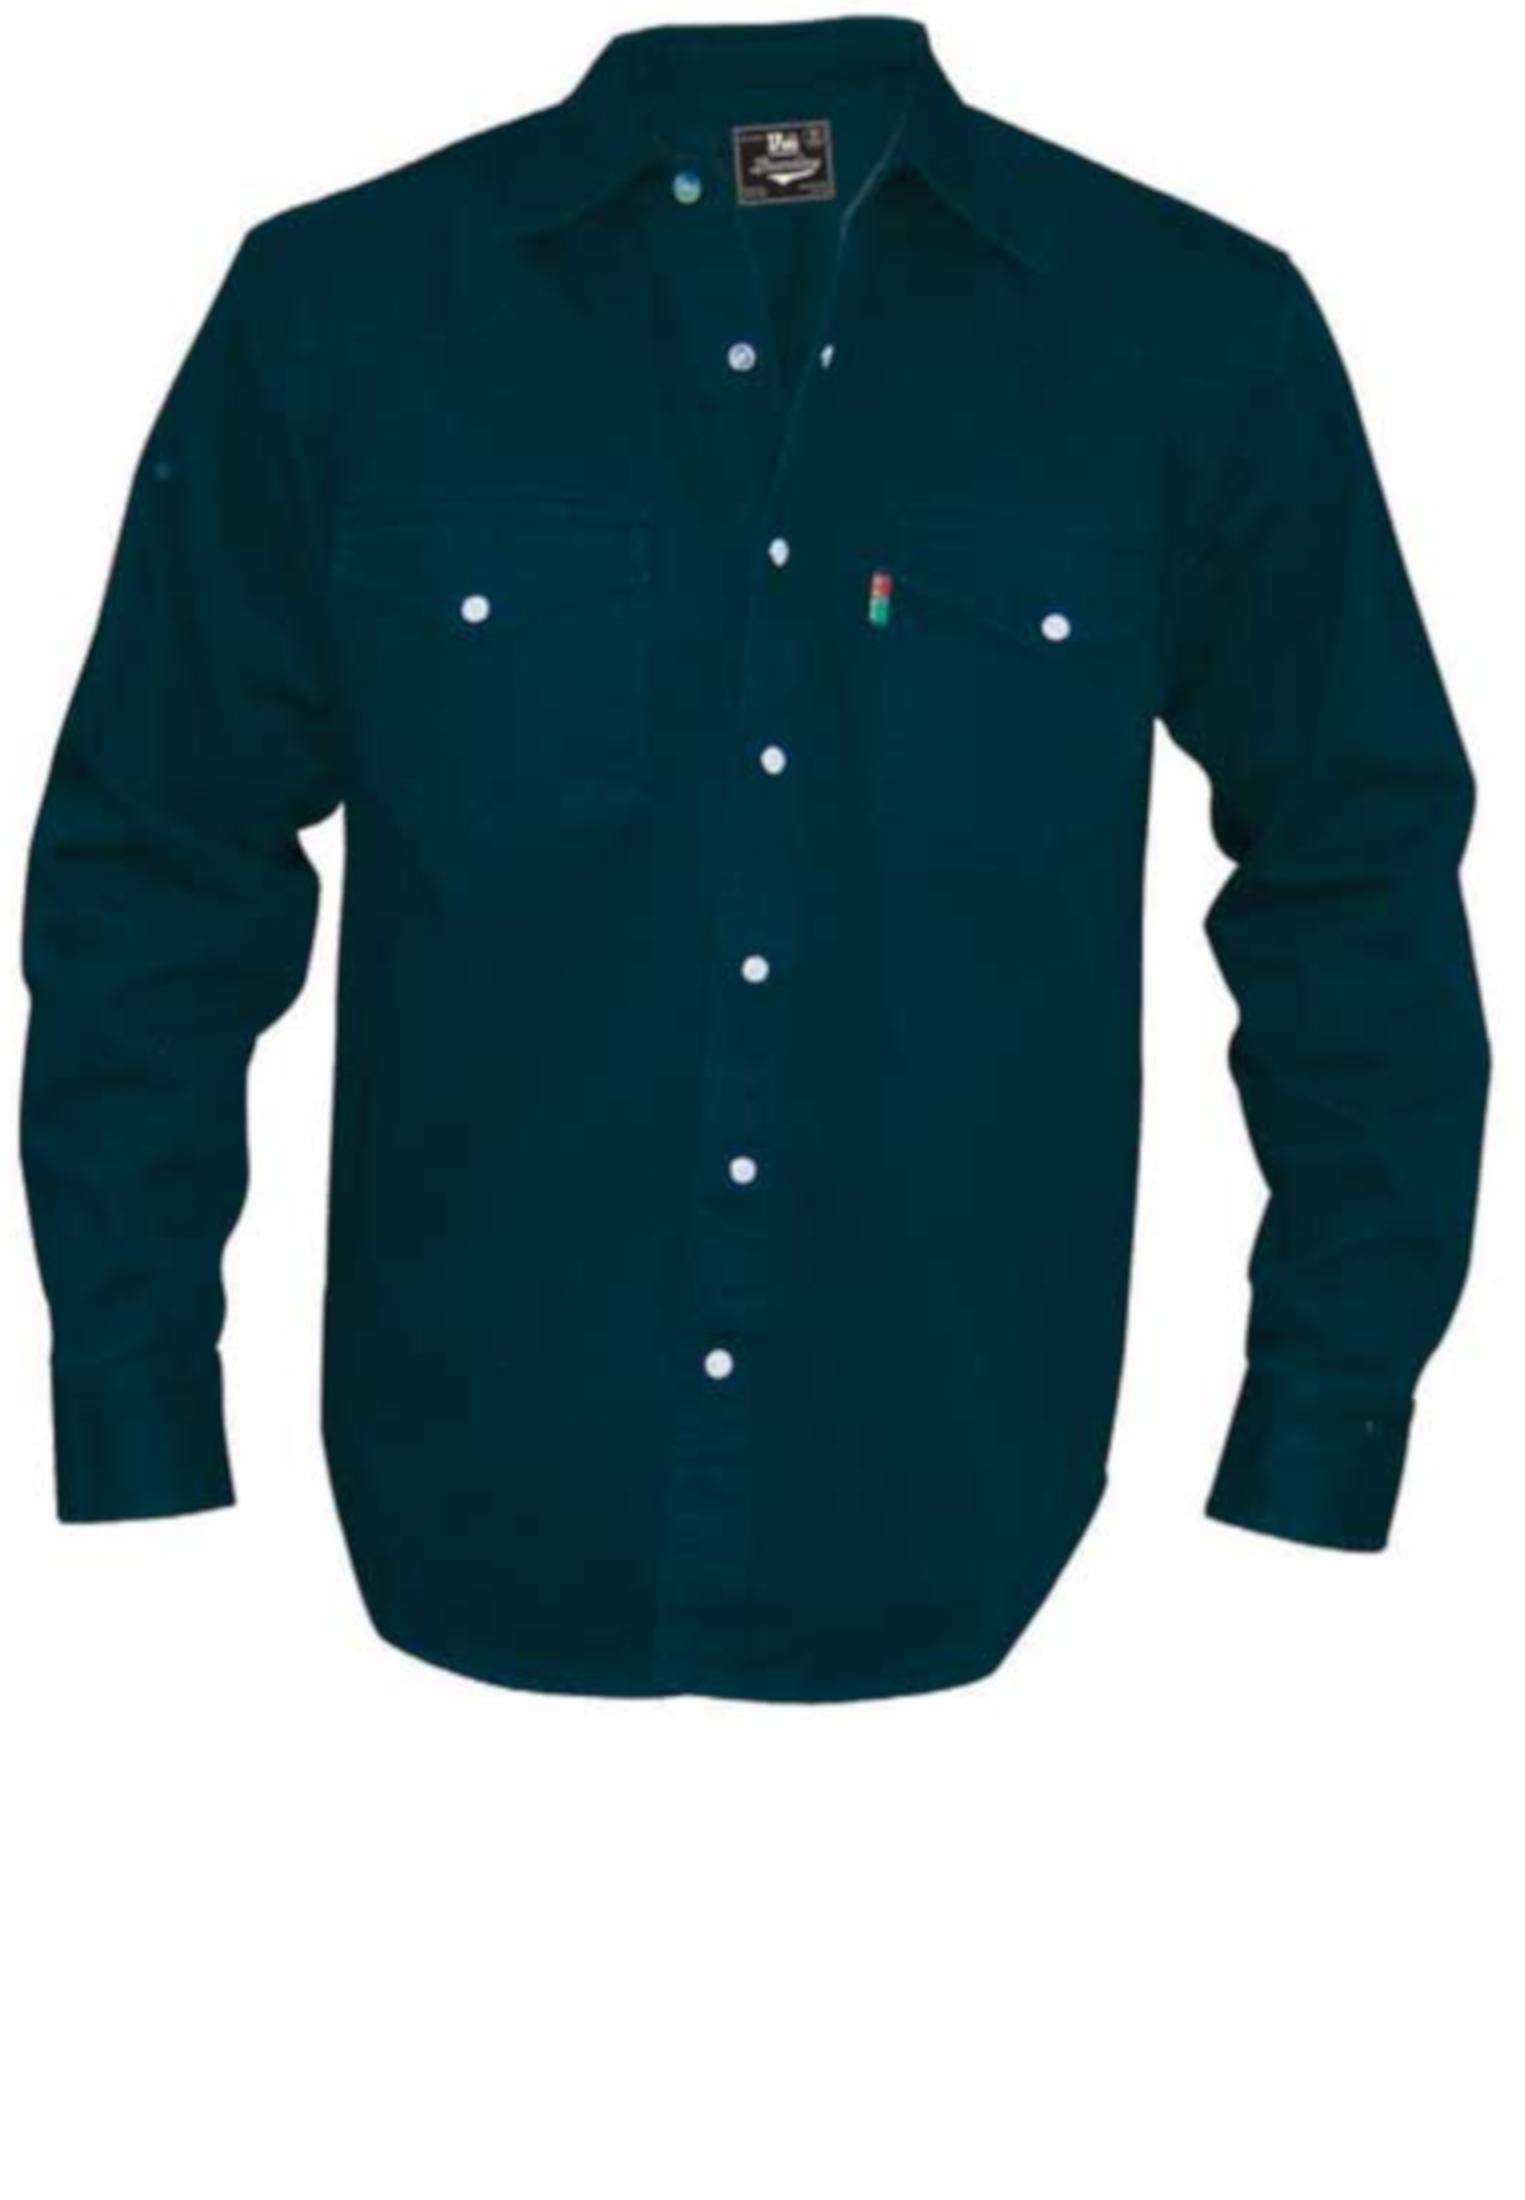 Zwart denim overhemd van Duke London in Western Style met een klassieke kraag, 2 met drukknoop afsluitbare borstzakken.